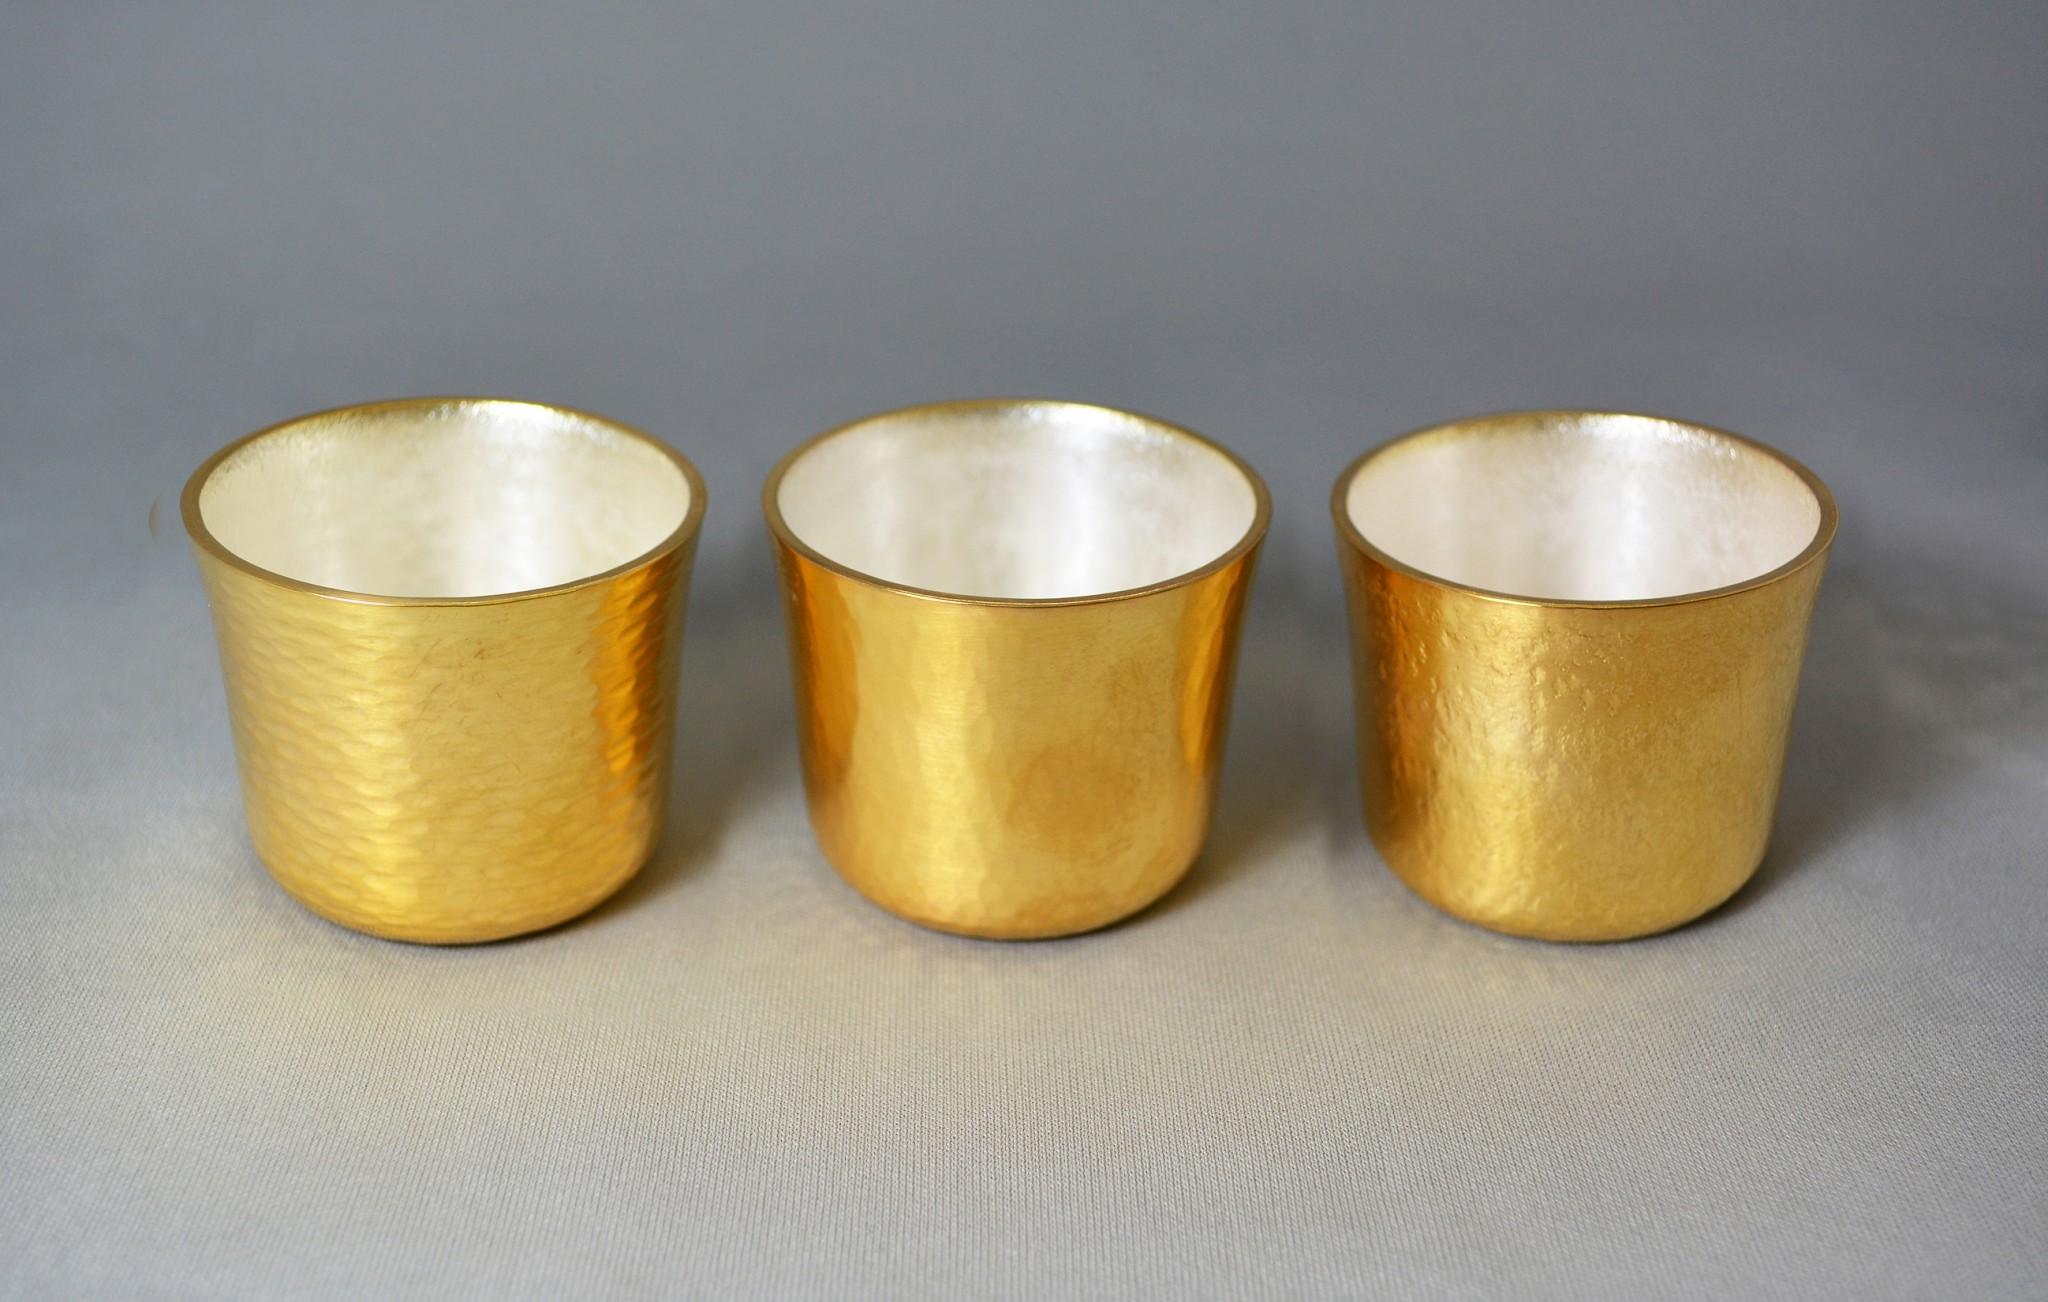 真鍮製 / 外側:本消金めっき、内側:消銀めっき